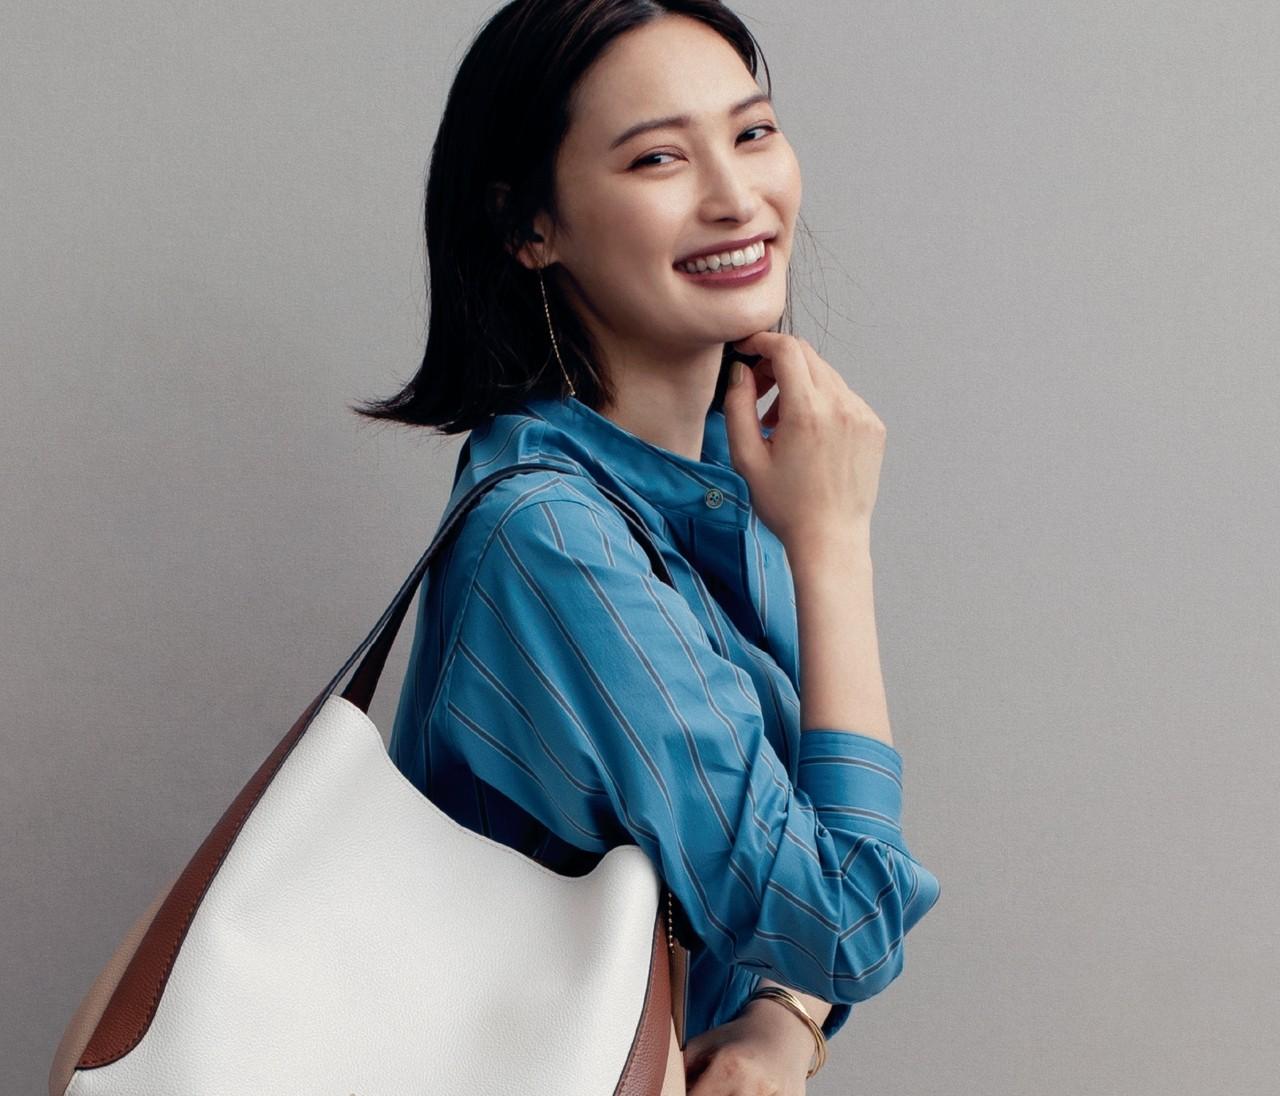 【秋の新バッグ】「コーチ(COACH)」の上質レザーバッグで品のある女らしさを